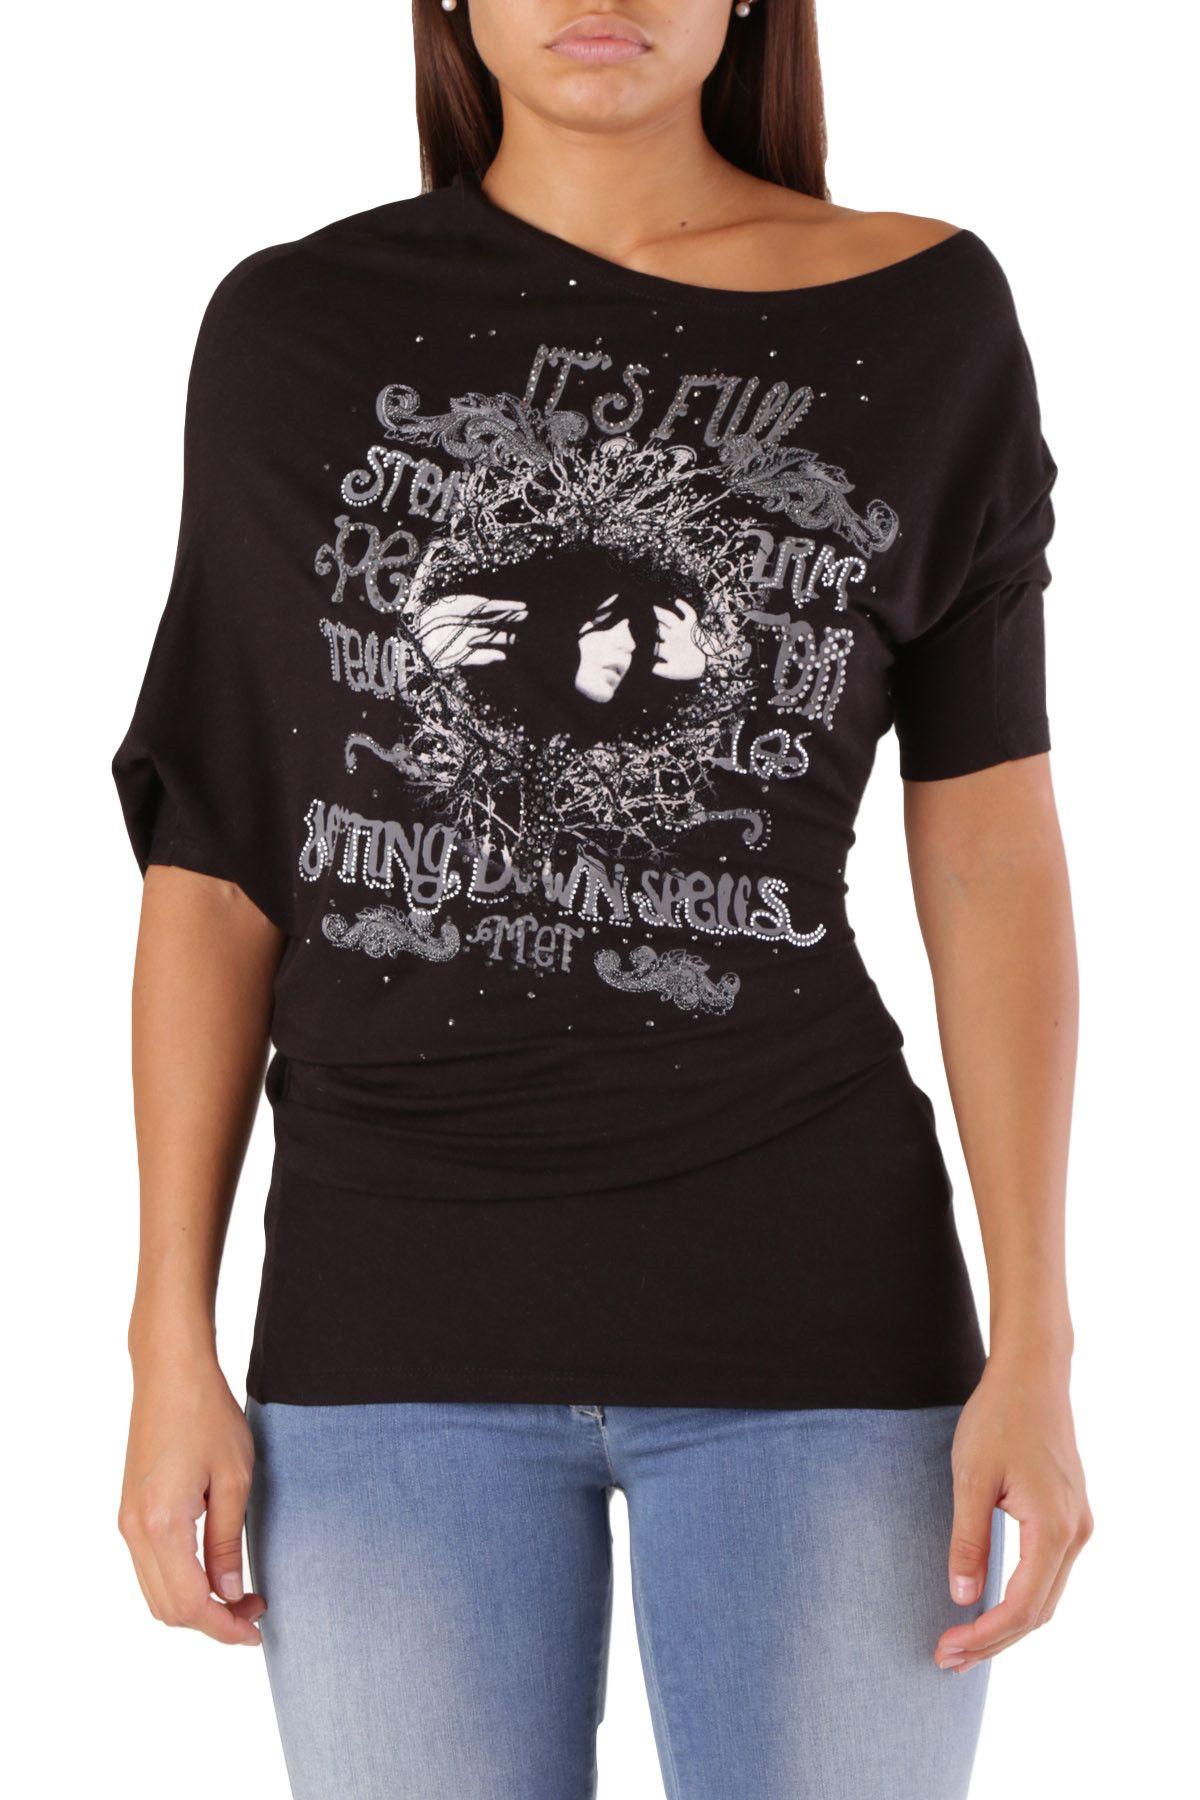 Met Women's T-Shirt In Black